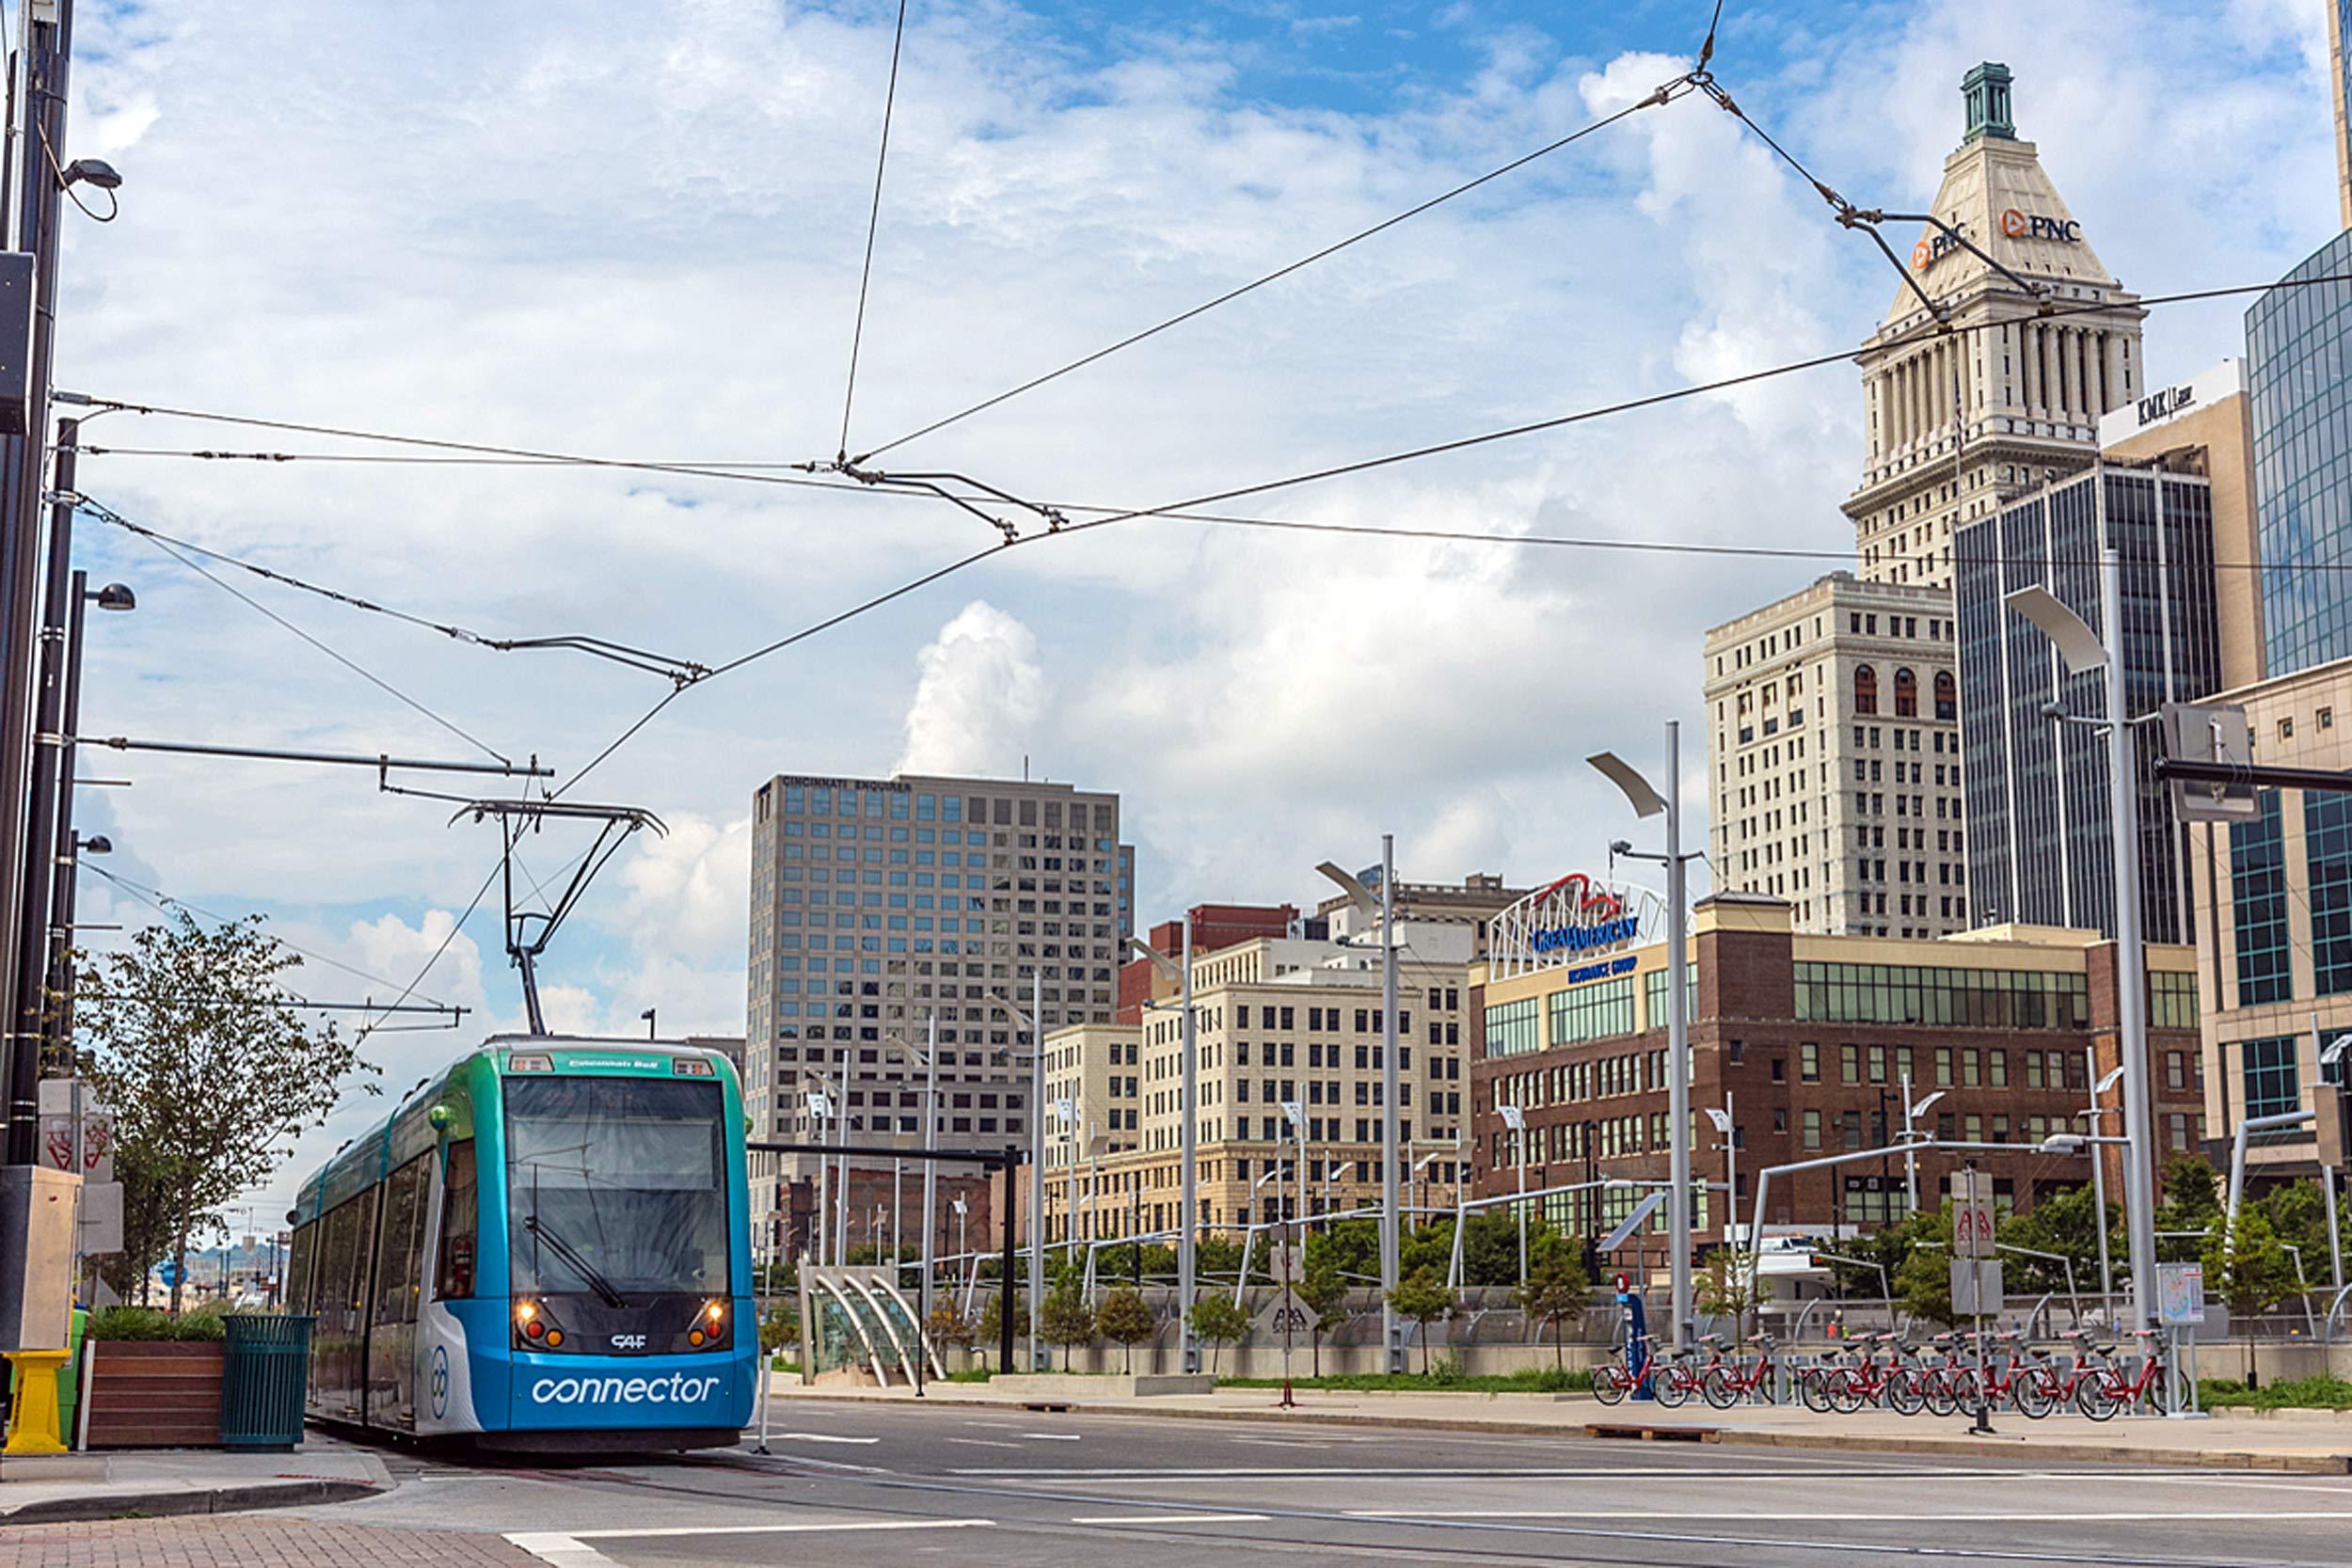 Cincy-Streetcar-w-City-w-OCS-and-City-in-Background.jpg